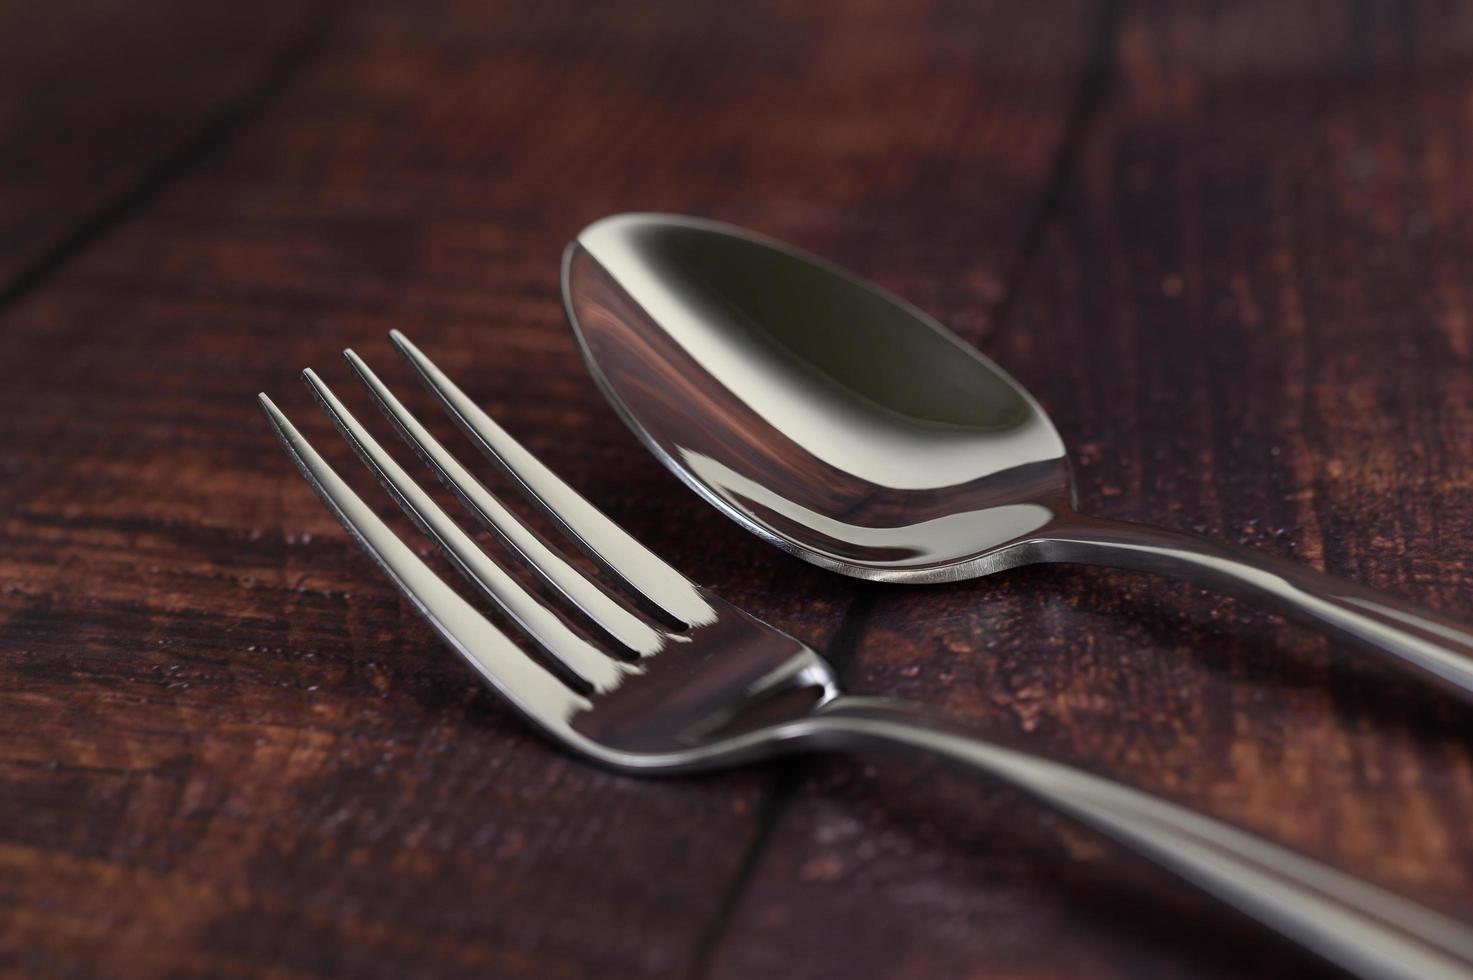 forchetta e cucchiaio in acciaio inox su un tavolo di legno foto